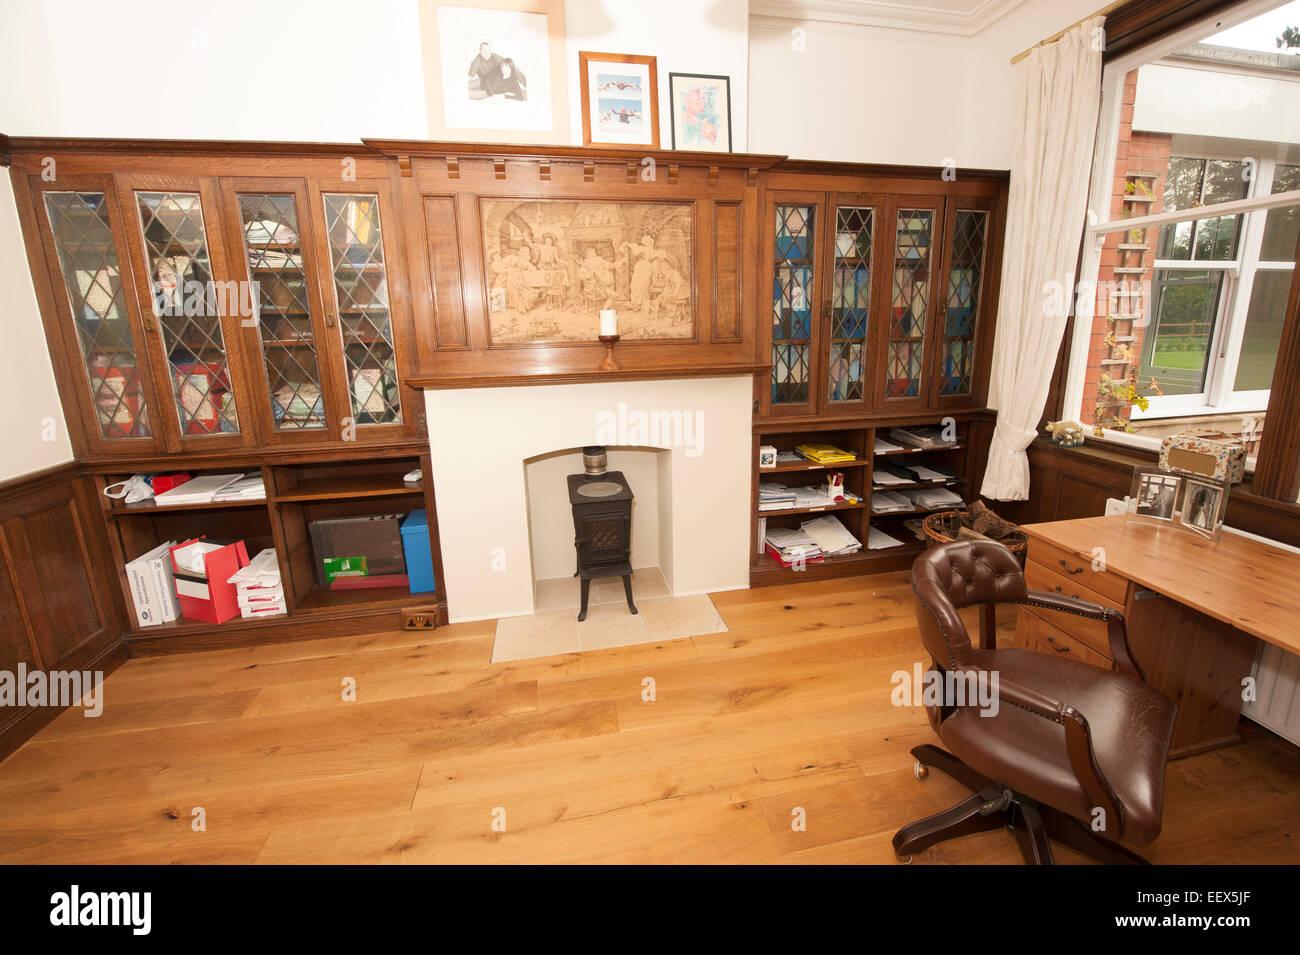 Fußboden Küche ~ Fußboden aus eichenholz getäfelte küche drawing room bücherregale